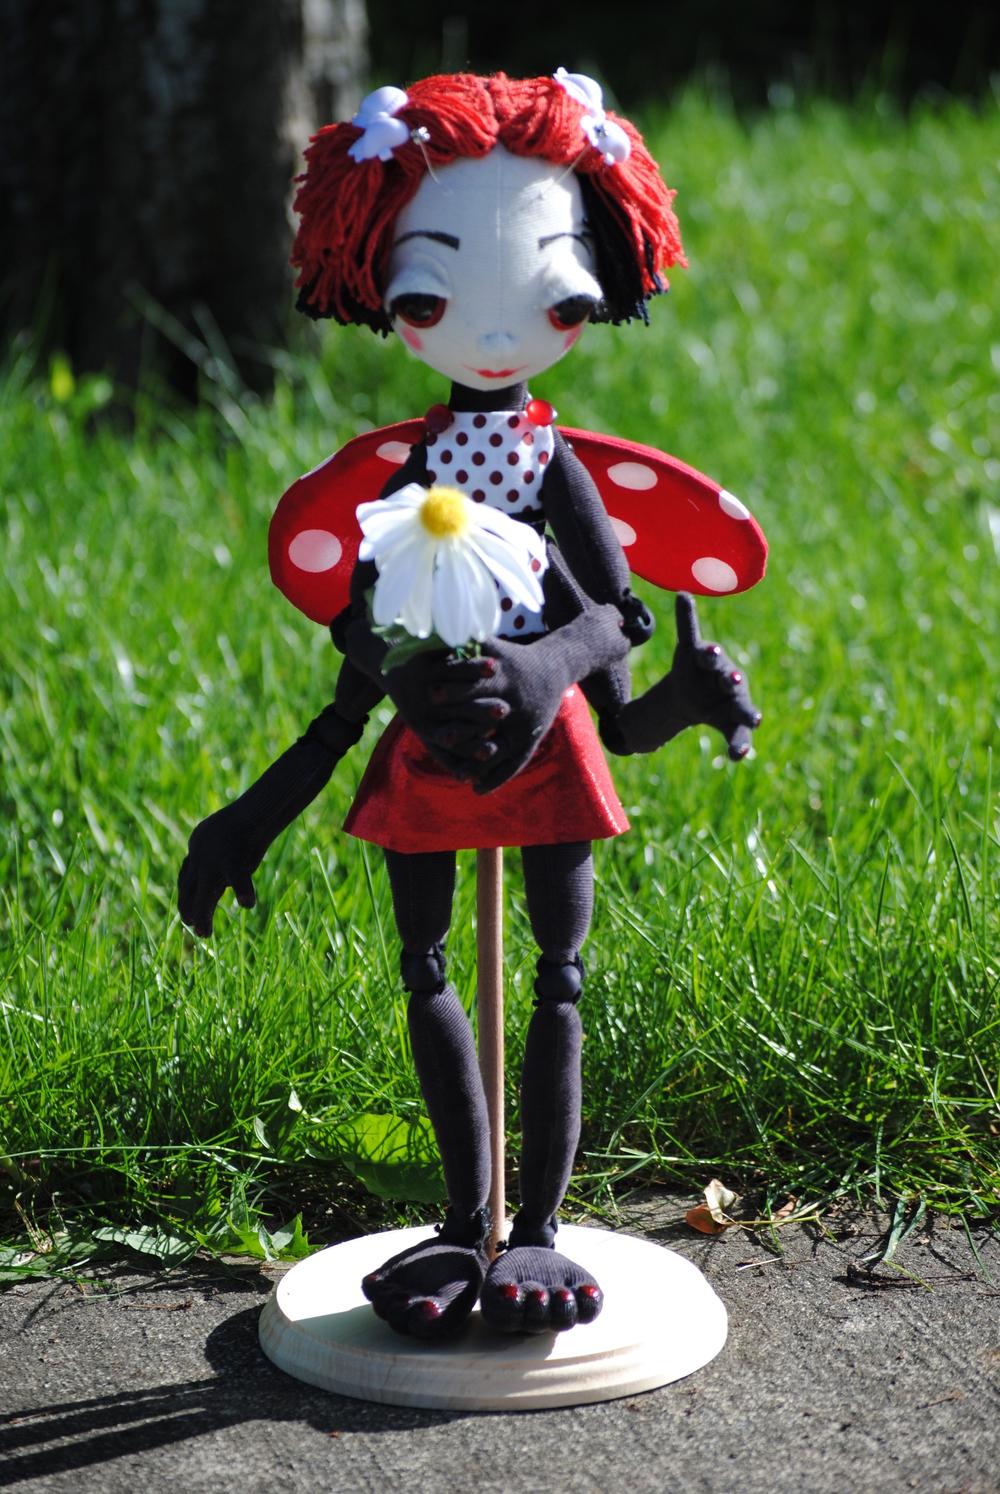 Creatures Ladybug Girl.JPG